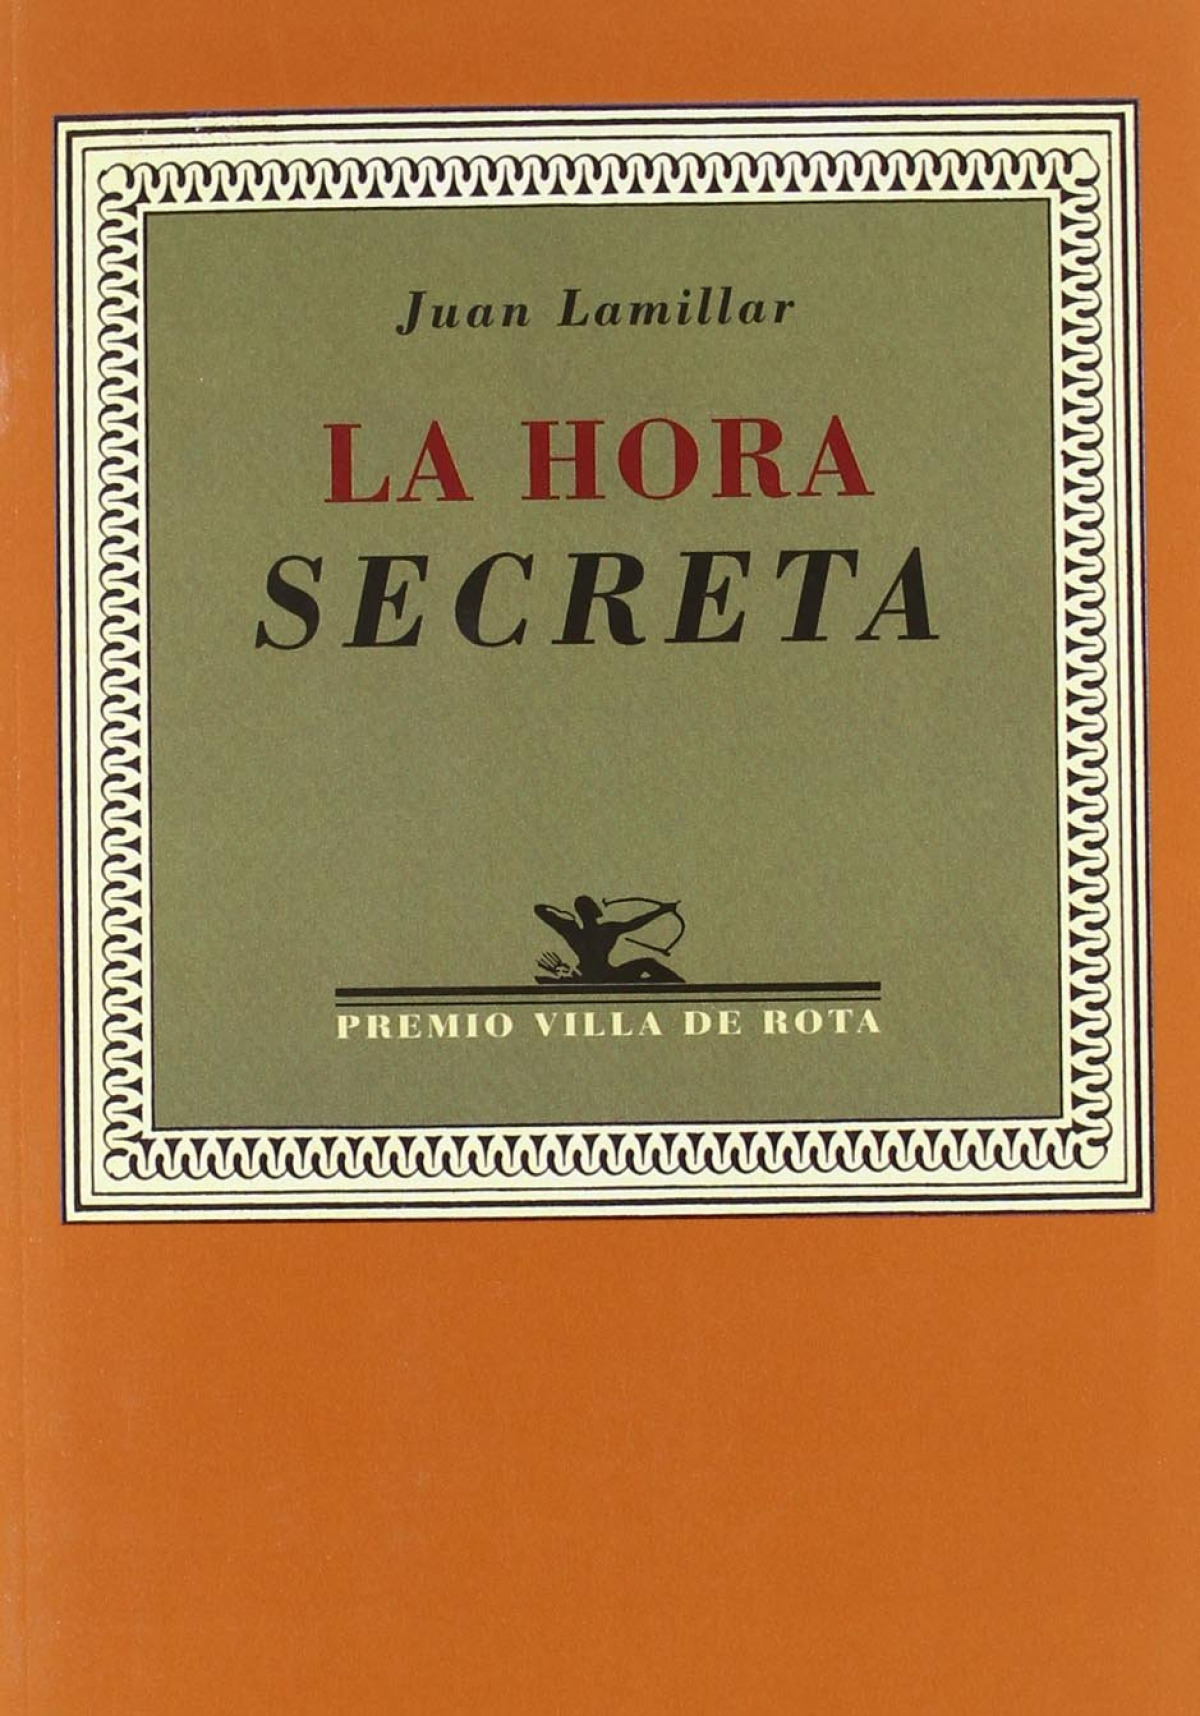 Hora secreta, la - Lamillar, Juan